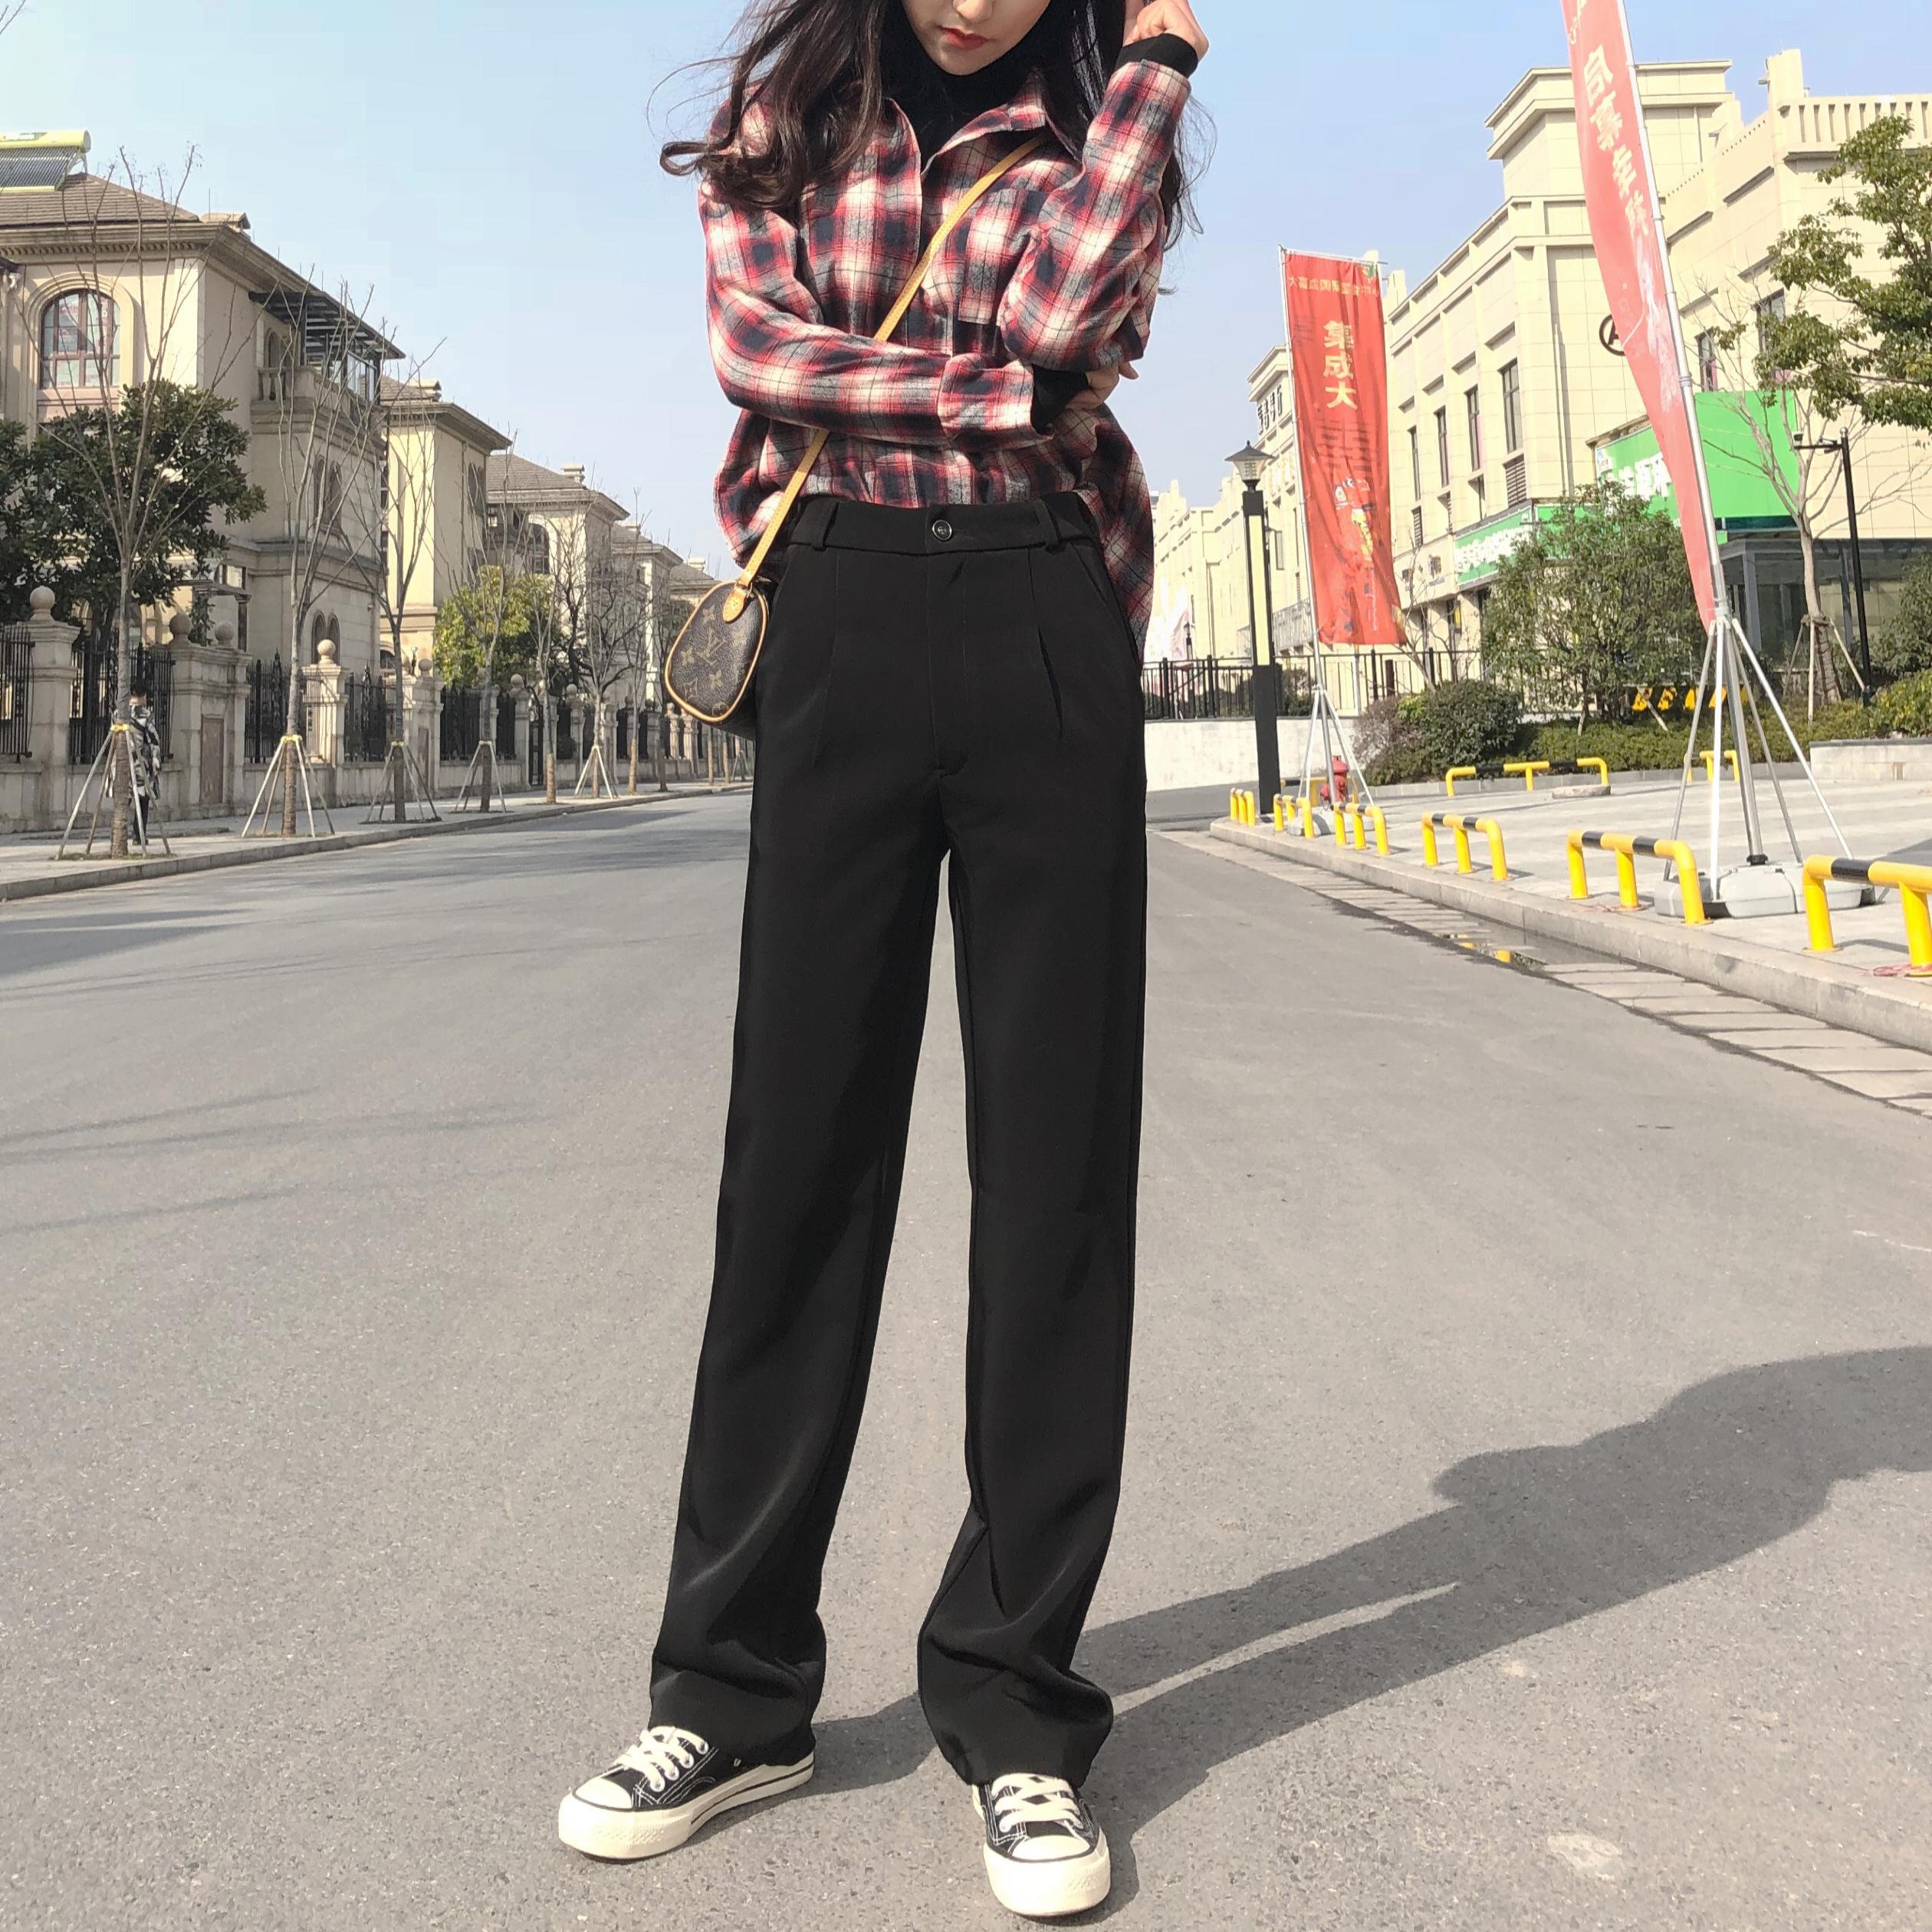 秋季新款高腰直筒裤女韩版宽松显瘦百搭学生拖地裤加长西装阔腿裤